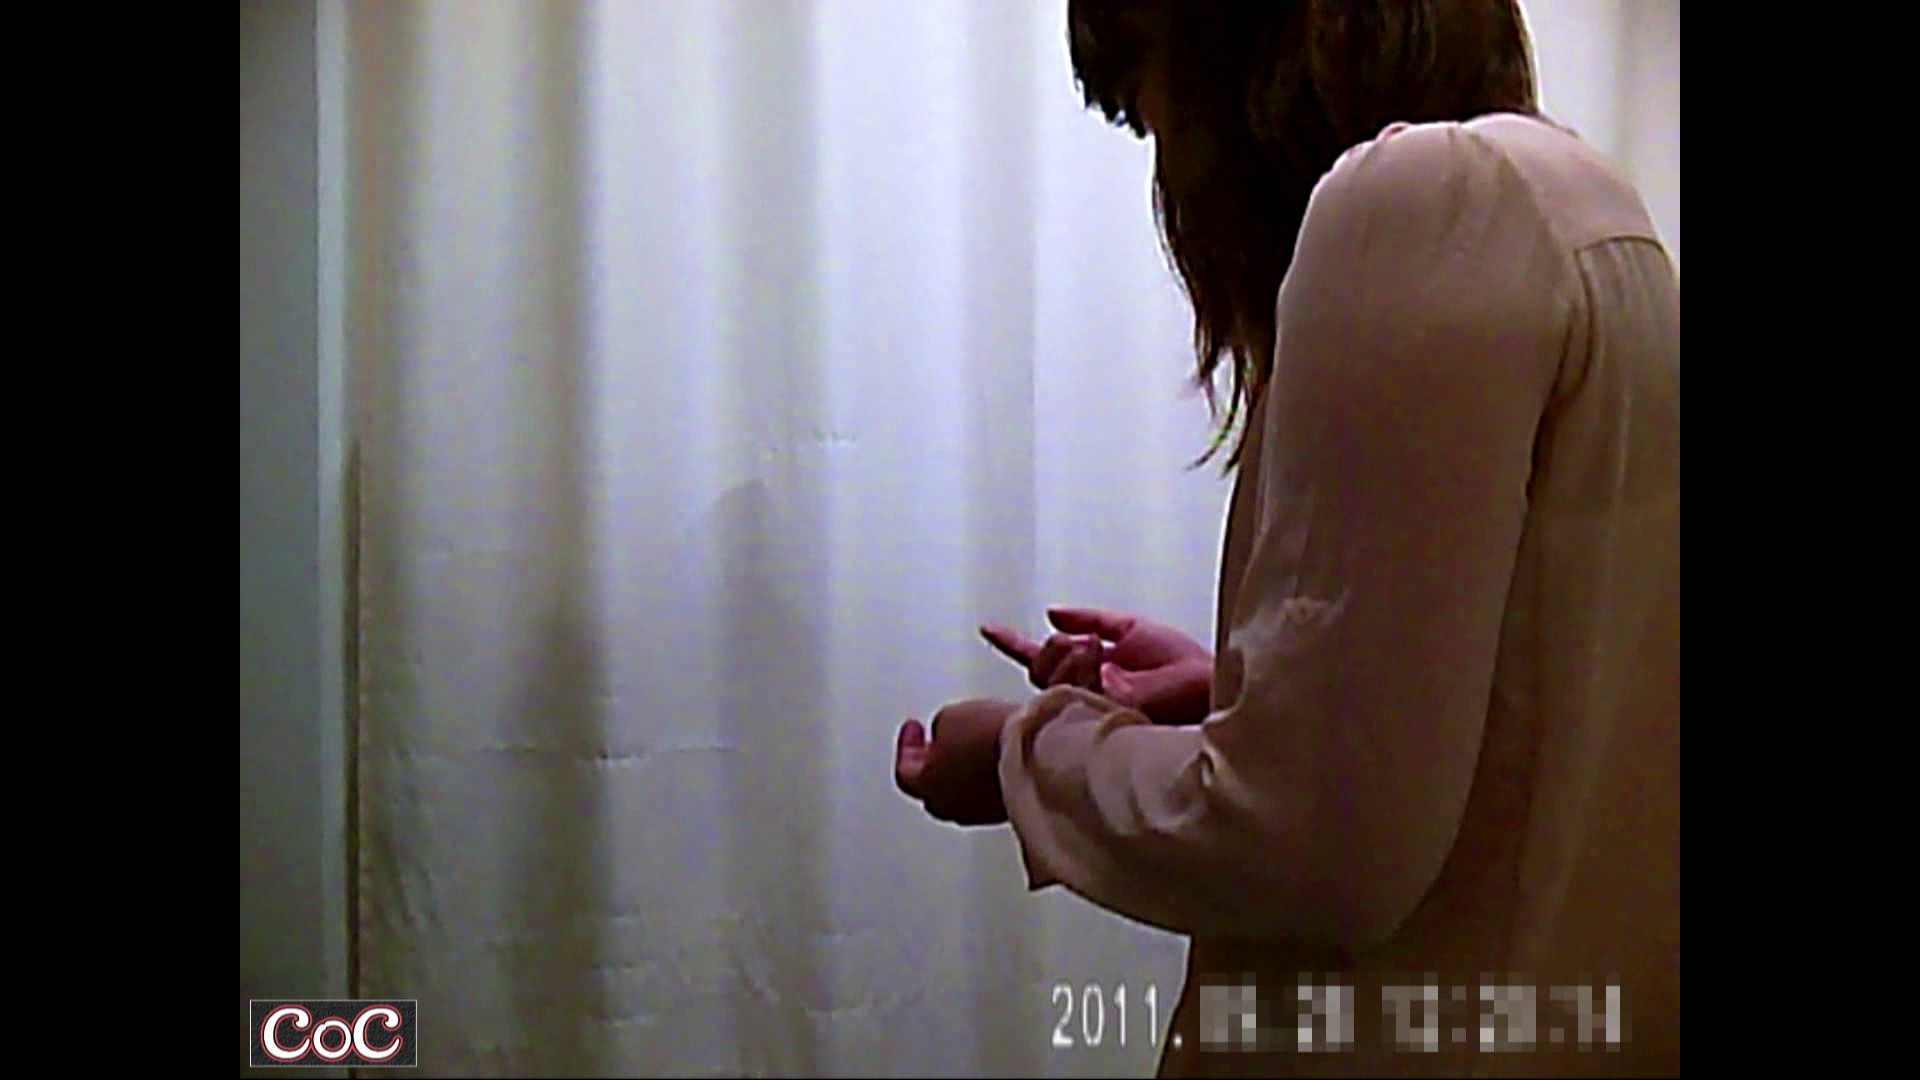 病院おもいっきり着替え! vol.41 巨乳 オマンコ動画キャプチャ 104pic 103